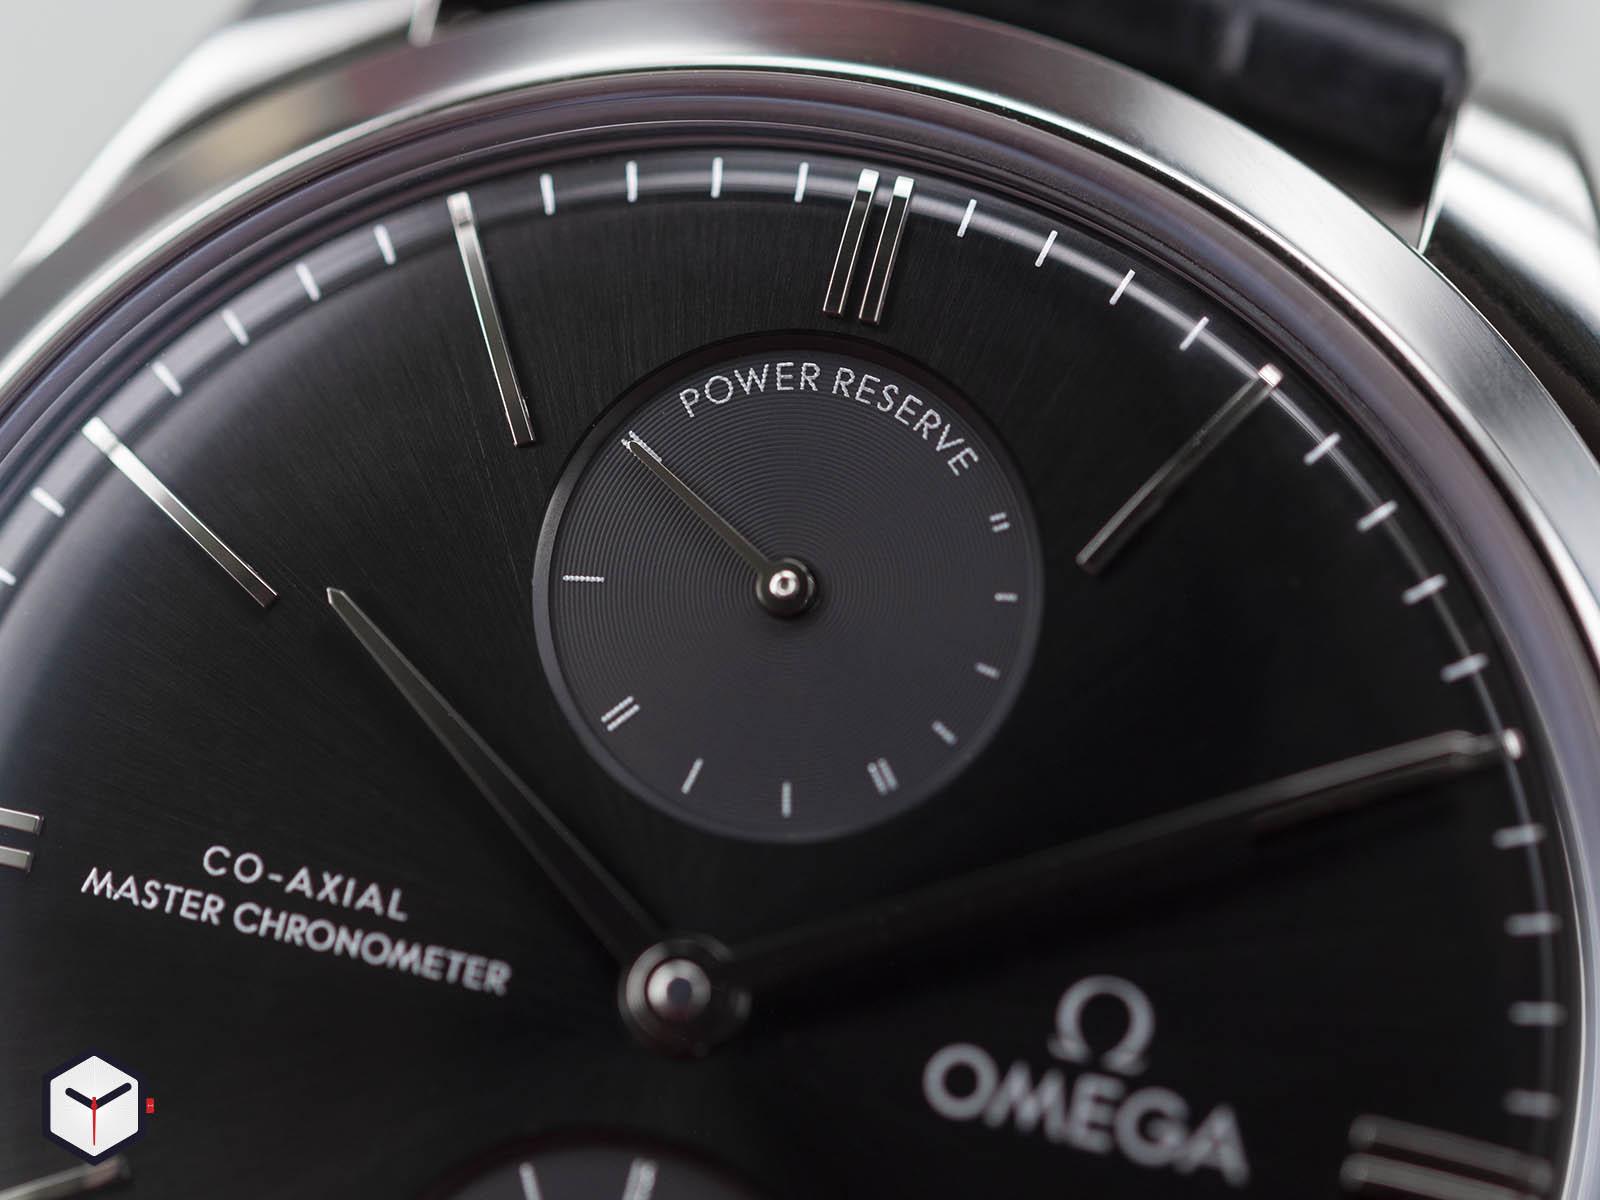 435-13-40-22-01-001-omega-de-ville-tresor-power-reserve-3.jpg